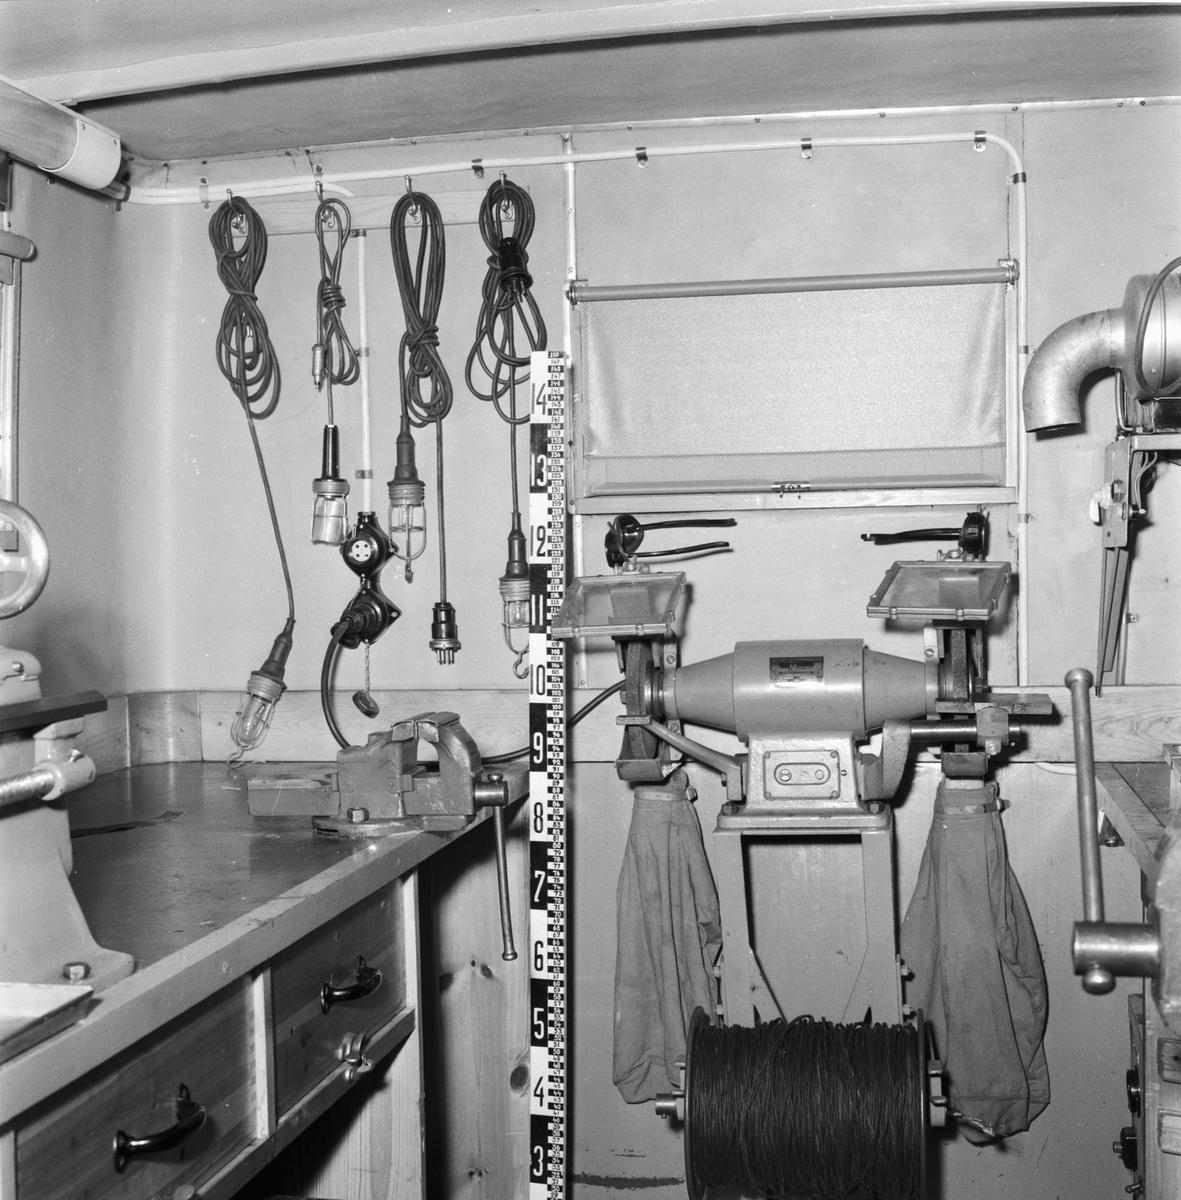 Övrigt: Foto datum: 7/6 1955 Byggnader och kranar Verkstadsbuss exteriör och interiör. Närmast identisk bild: V8376, ej skannad